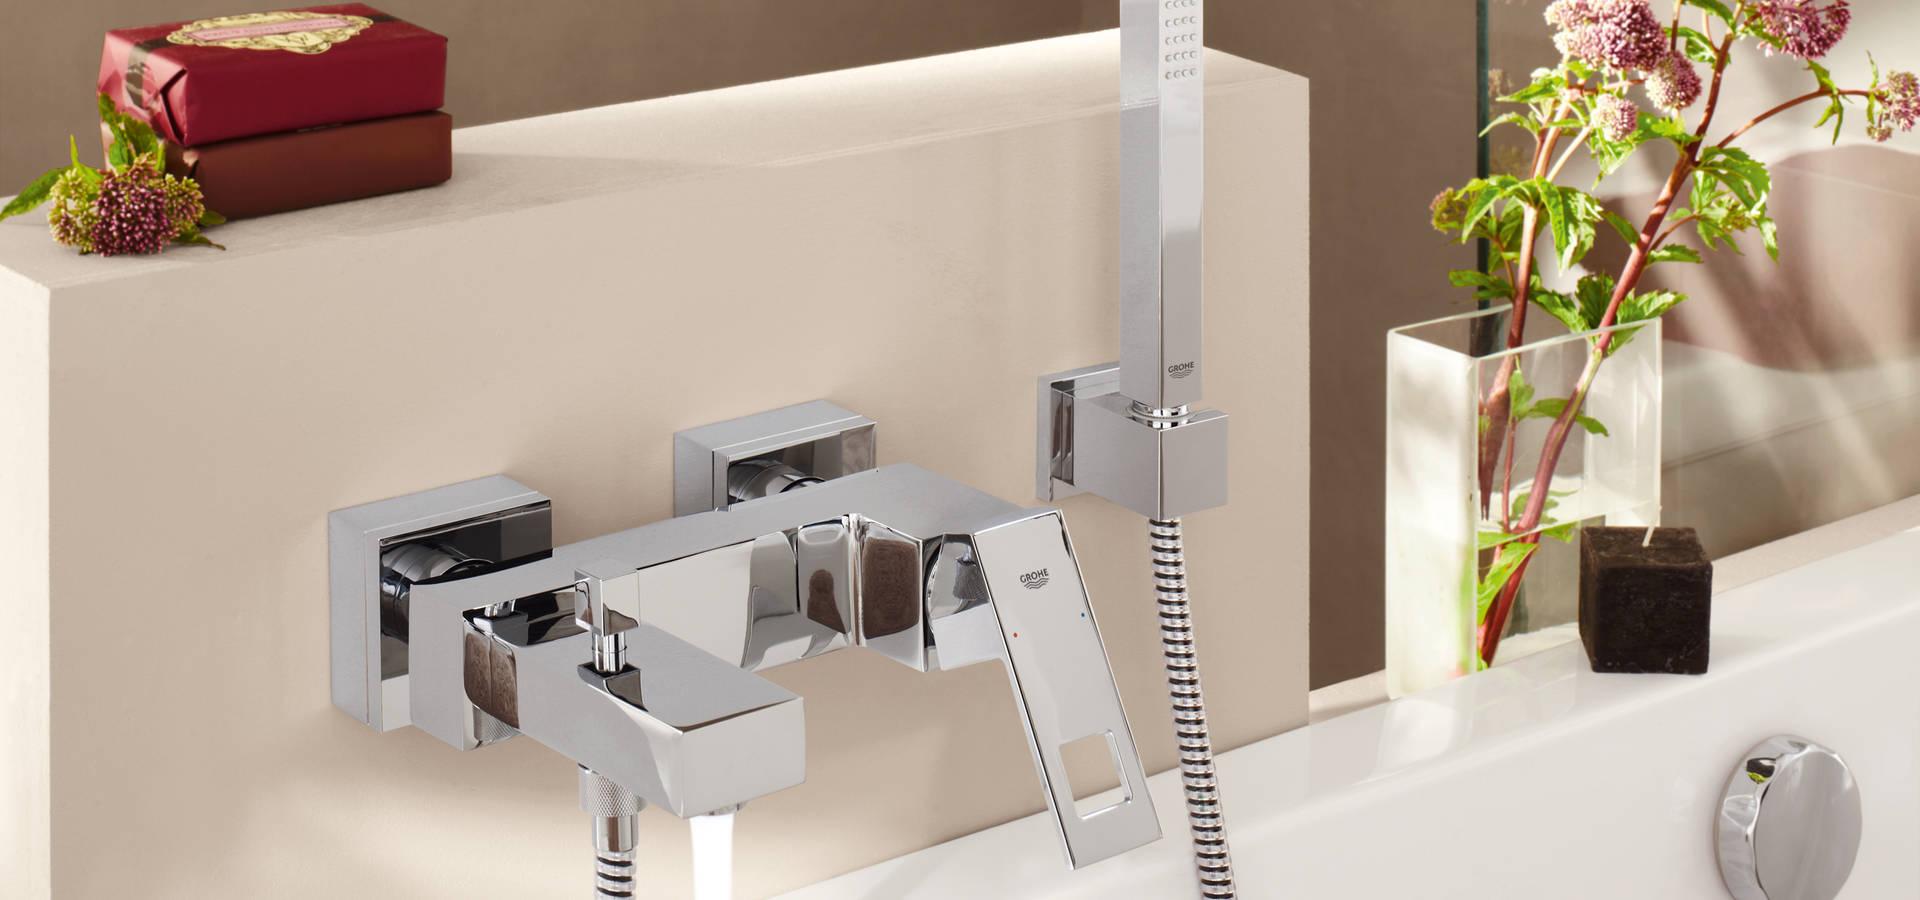 Eurocosmo badkamer voorzien van GROHE Eurodisc Joy serie by Grohe ...